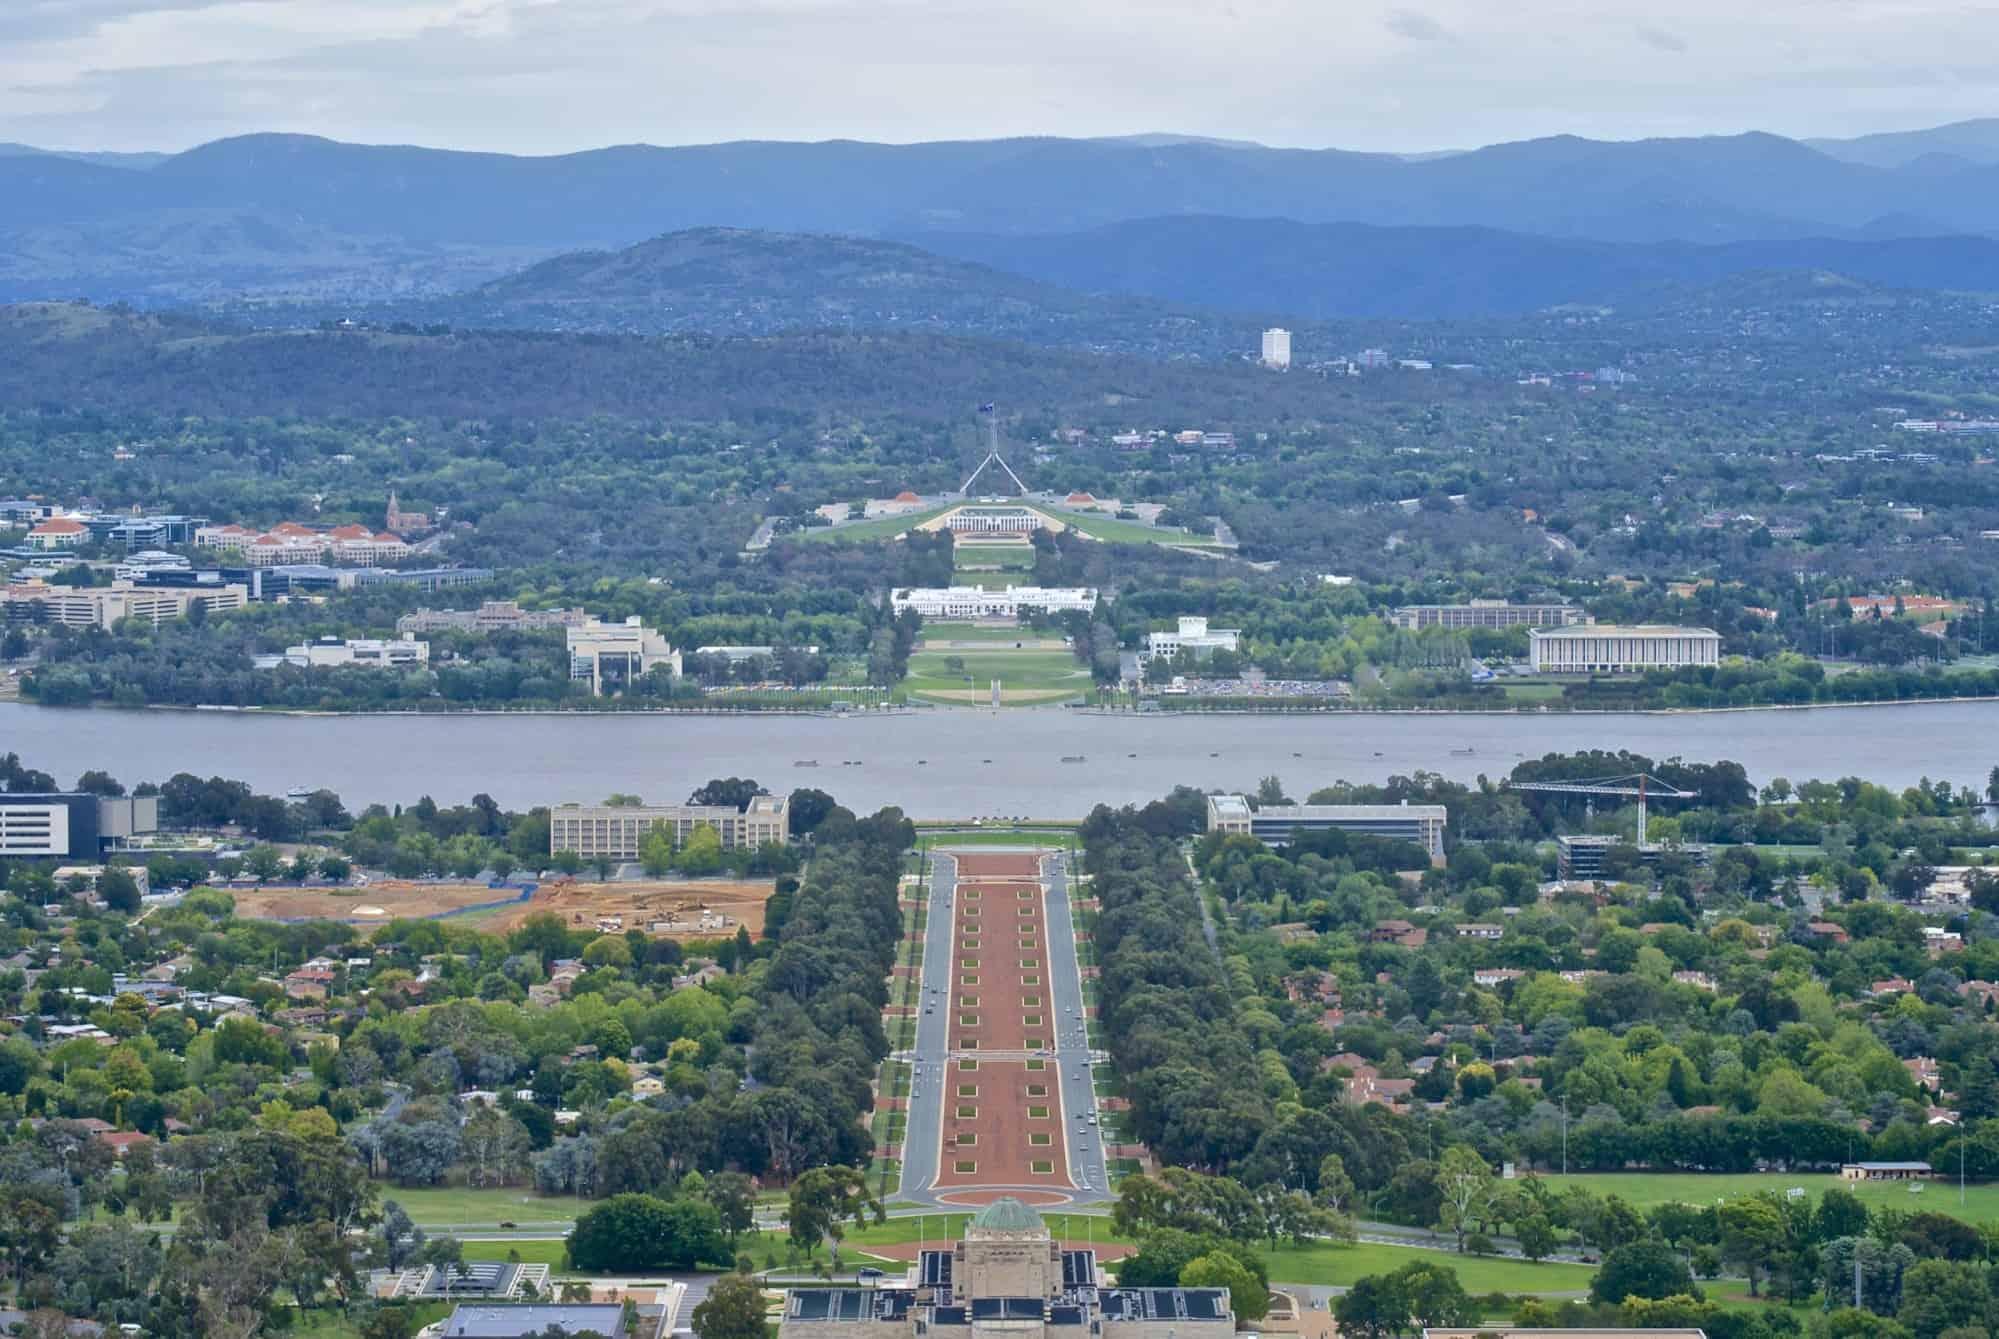 best hyatt hotels in the world for free nights-Australia-Hyatt Hotel Canberra - A Park Hyatt Hotel